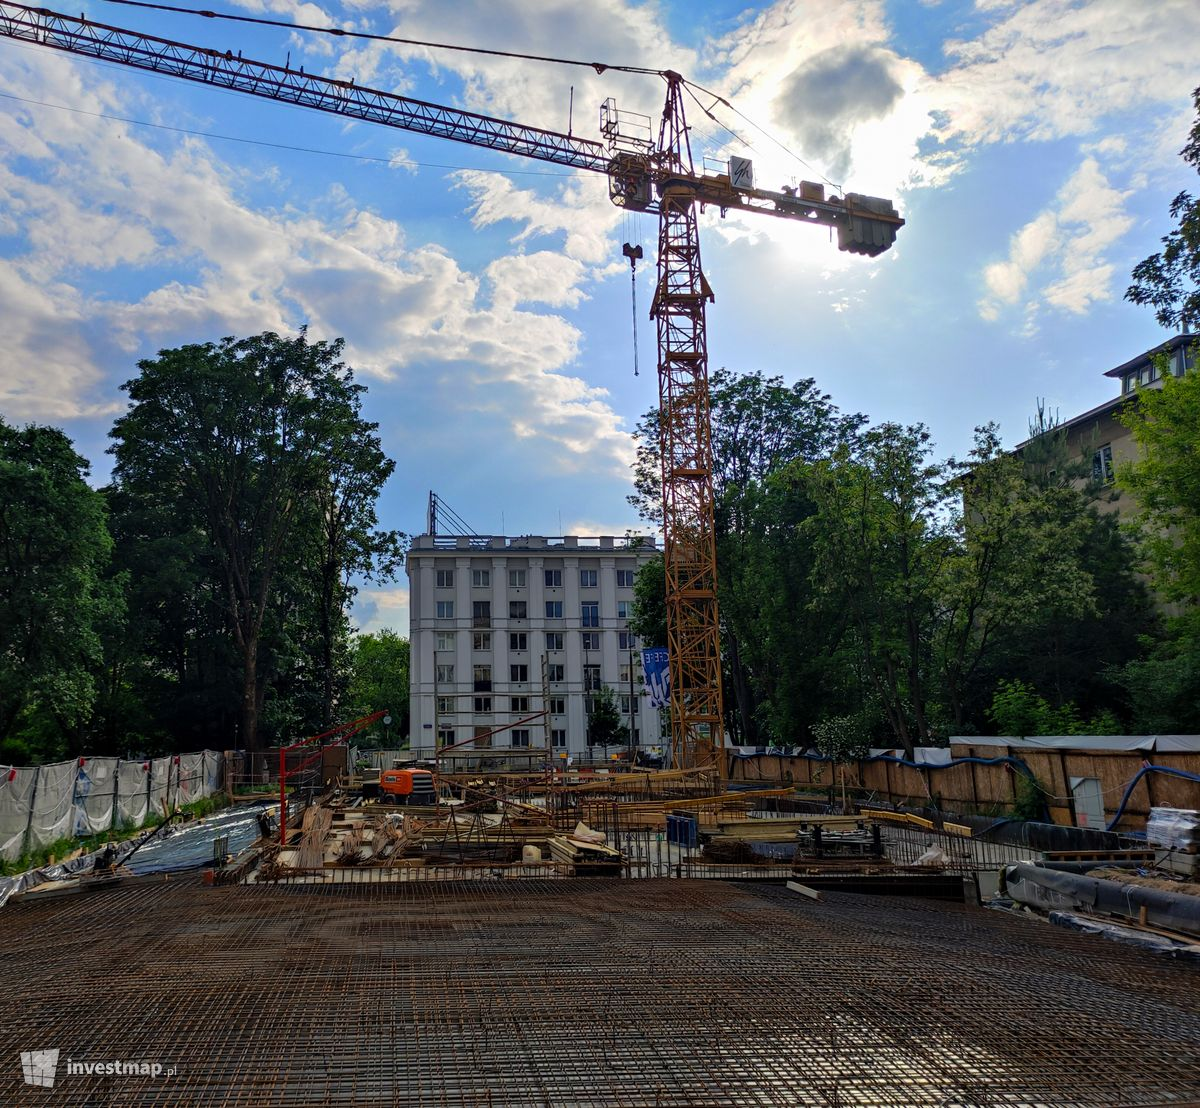 Zdjęcie Moxo House fot. Piotr Wysocki